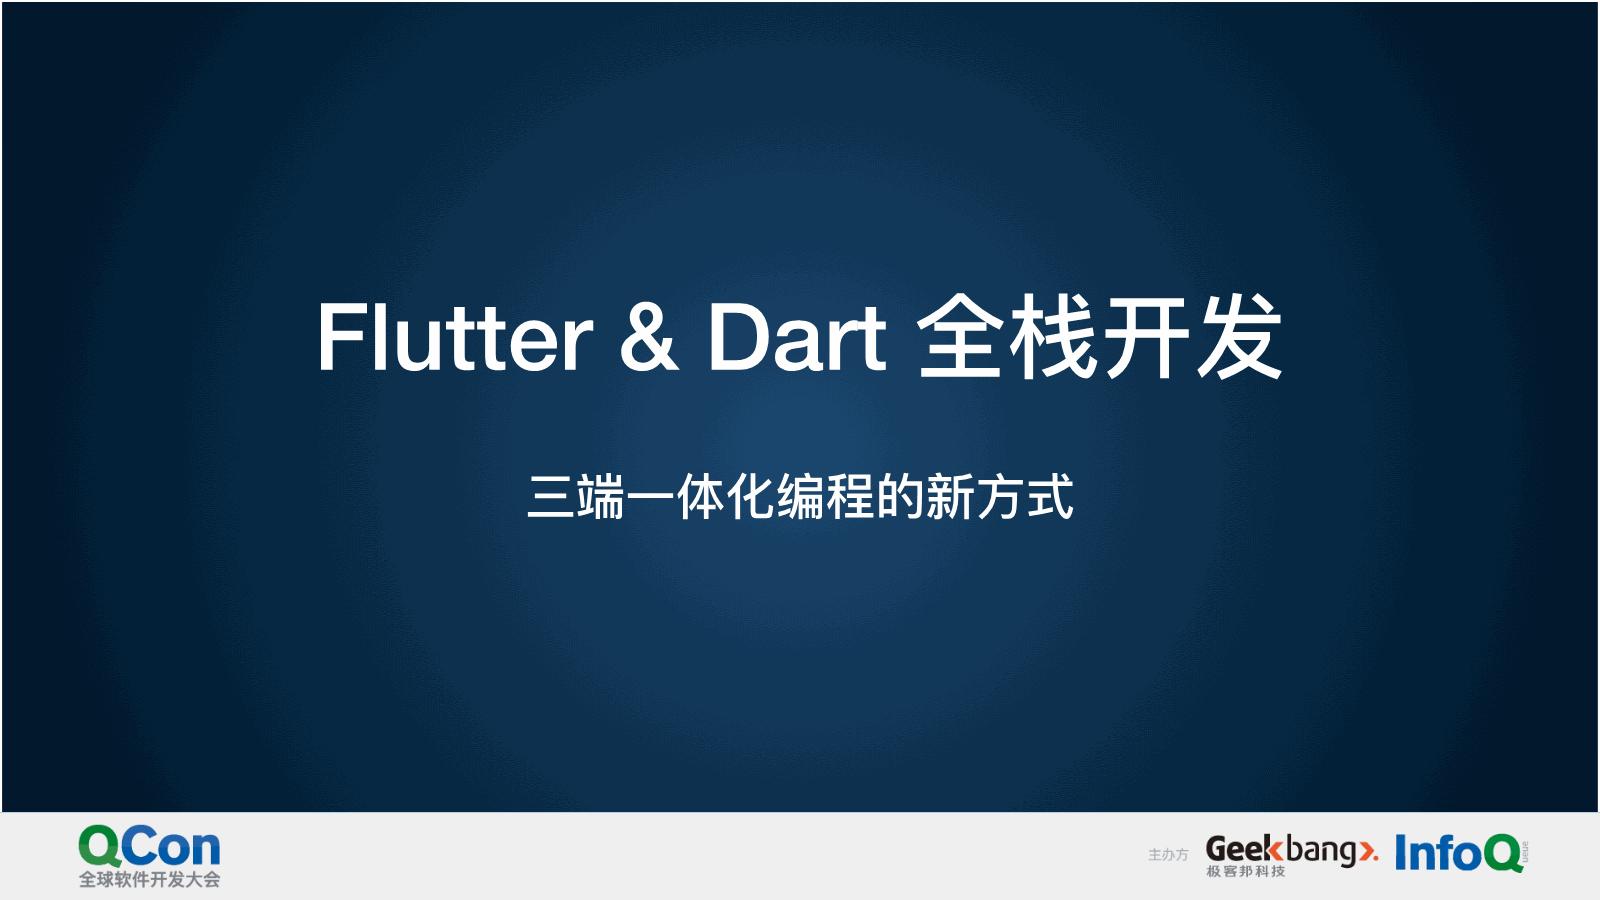 陈新新-Flutter&Dart全栈开发三端一体化编程的新方式